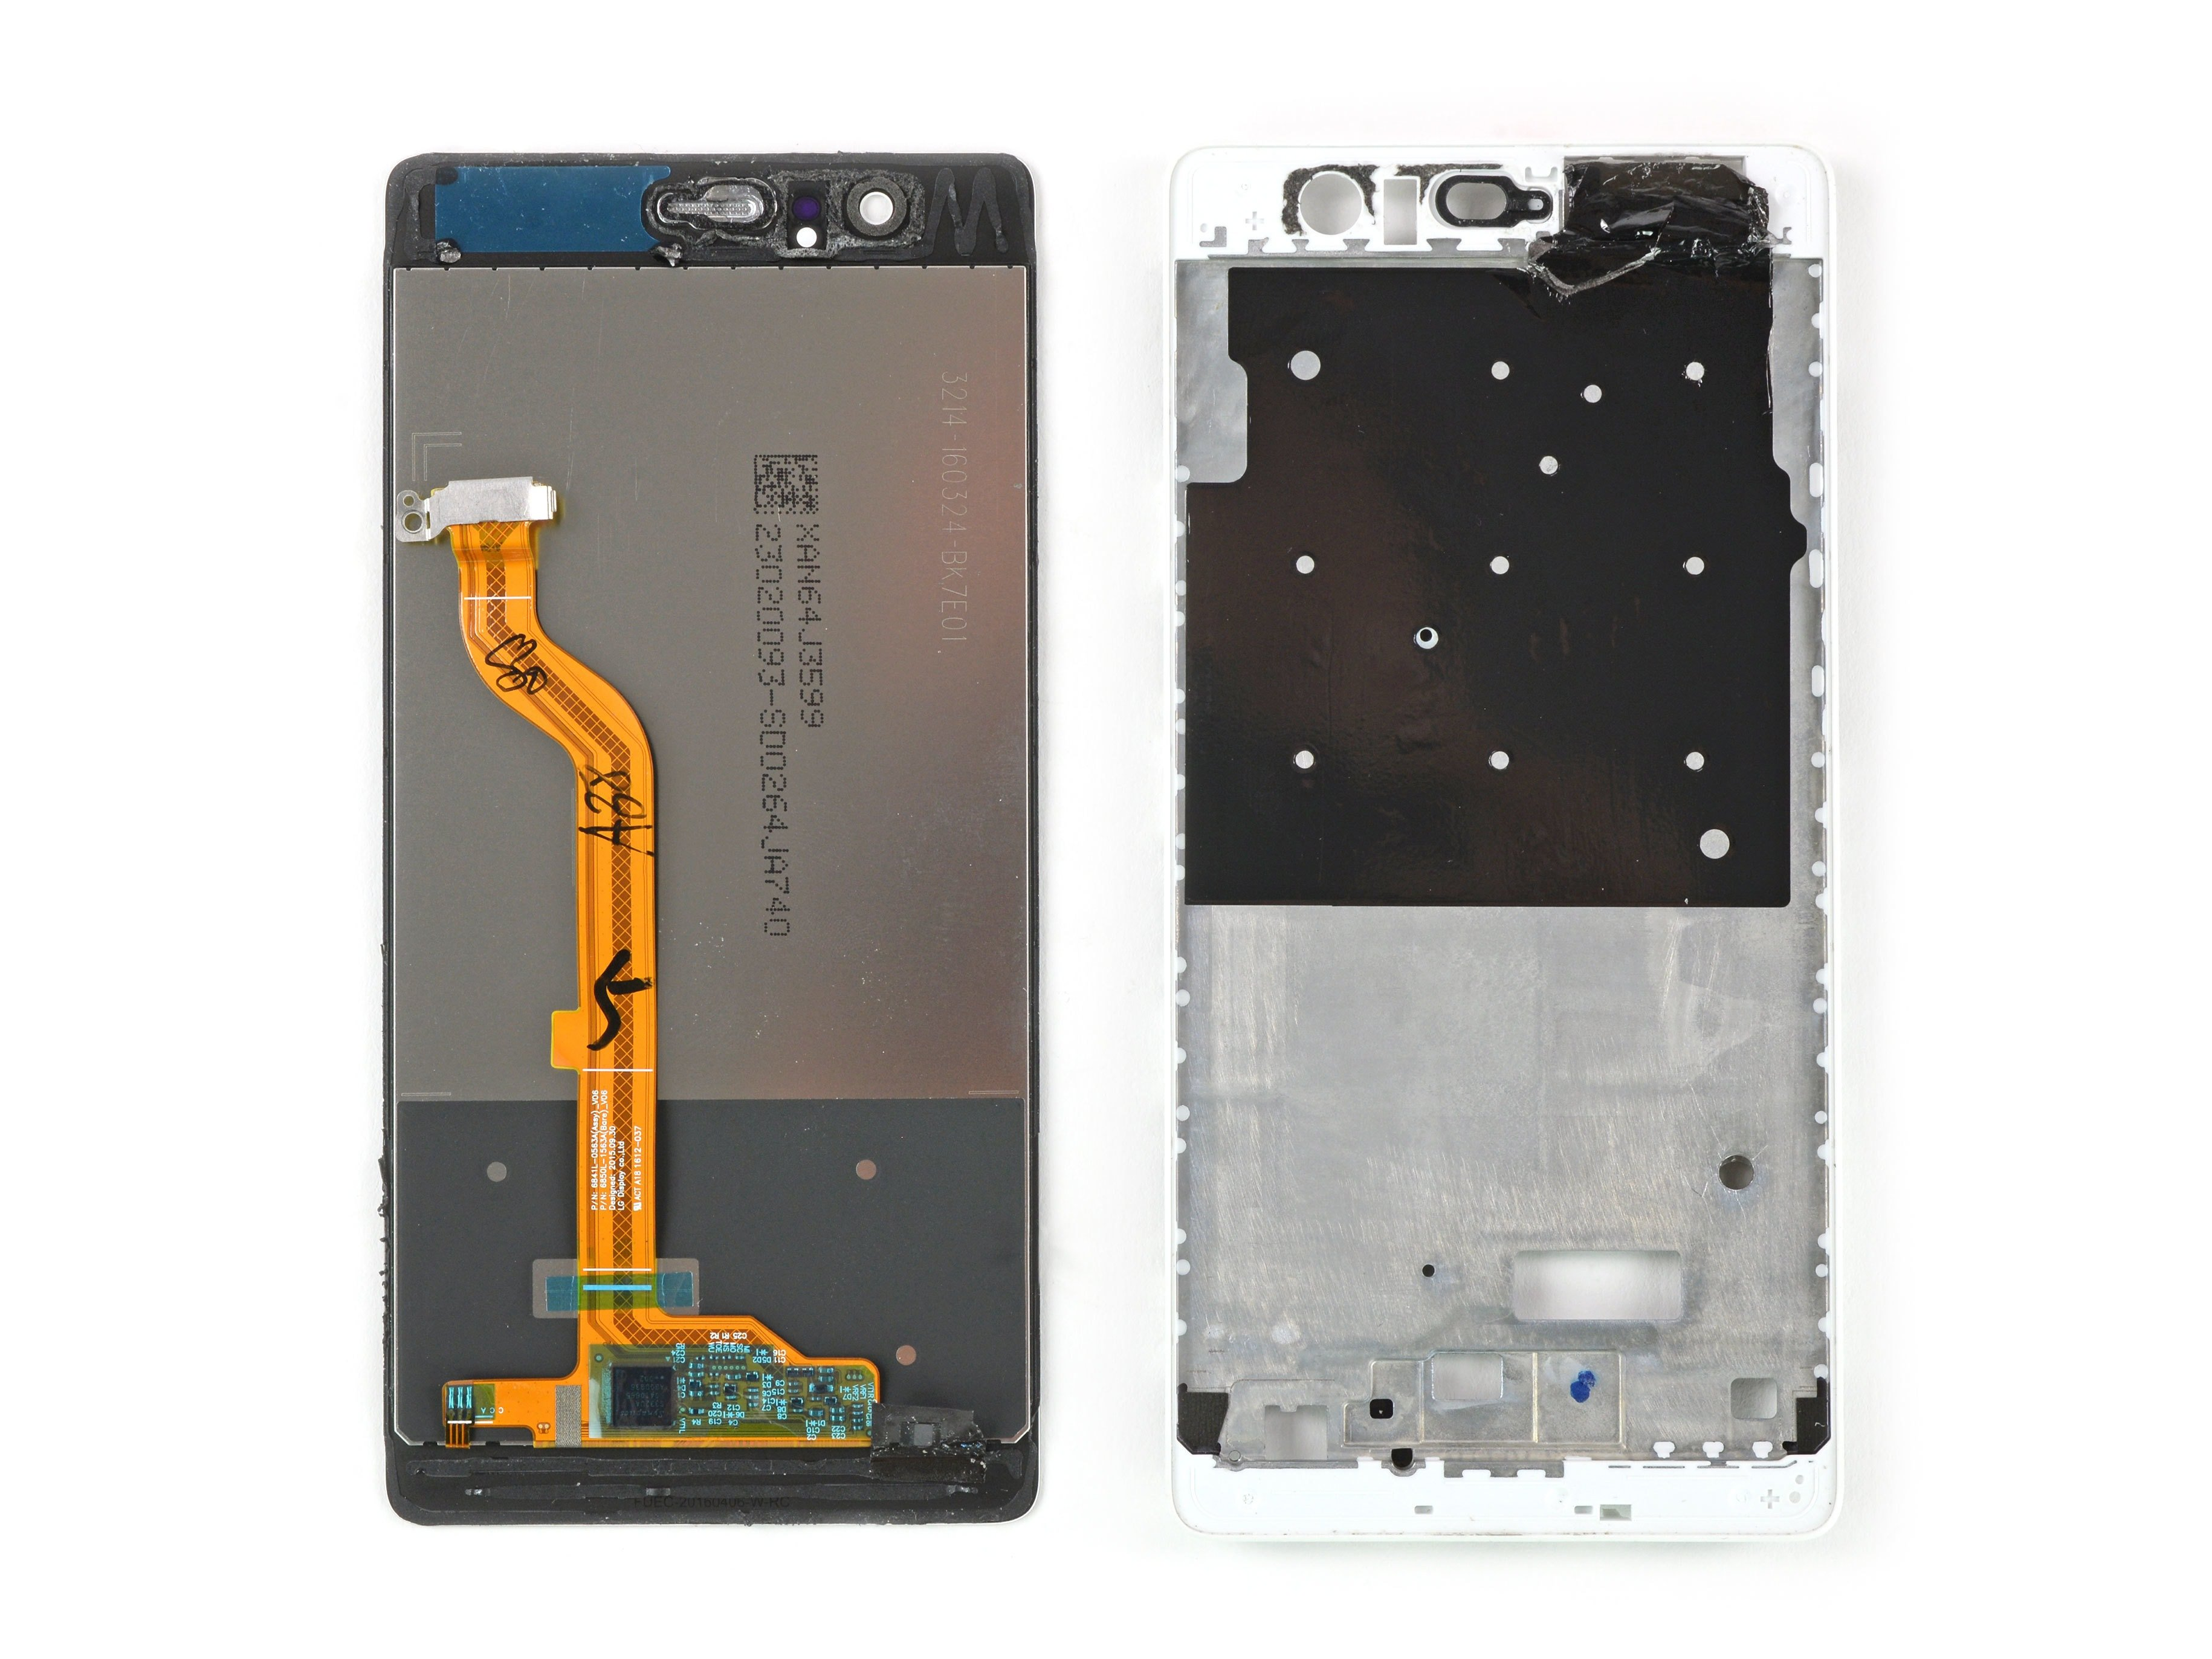 Huawei P9 Display Replacement - iFixit Repair Guide